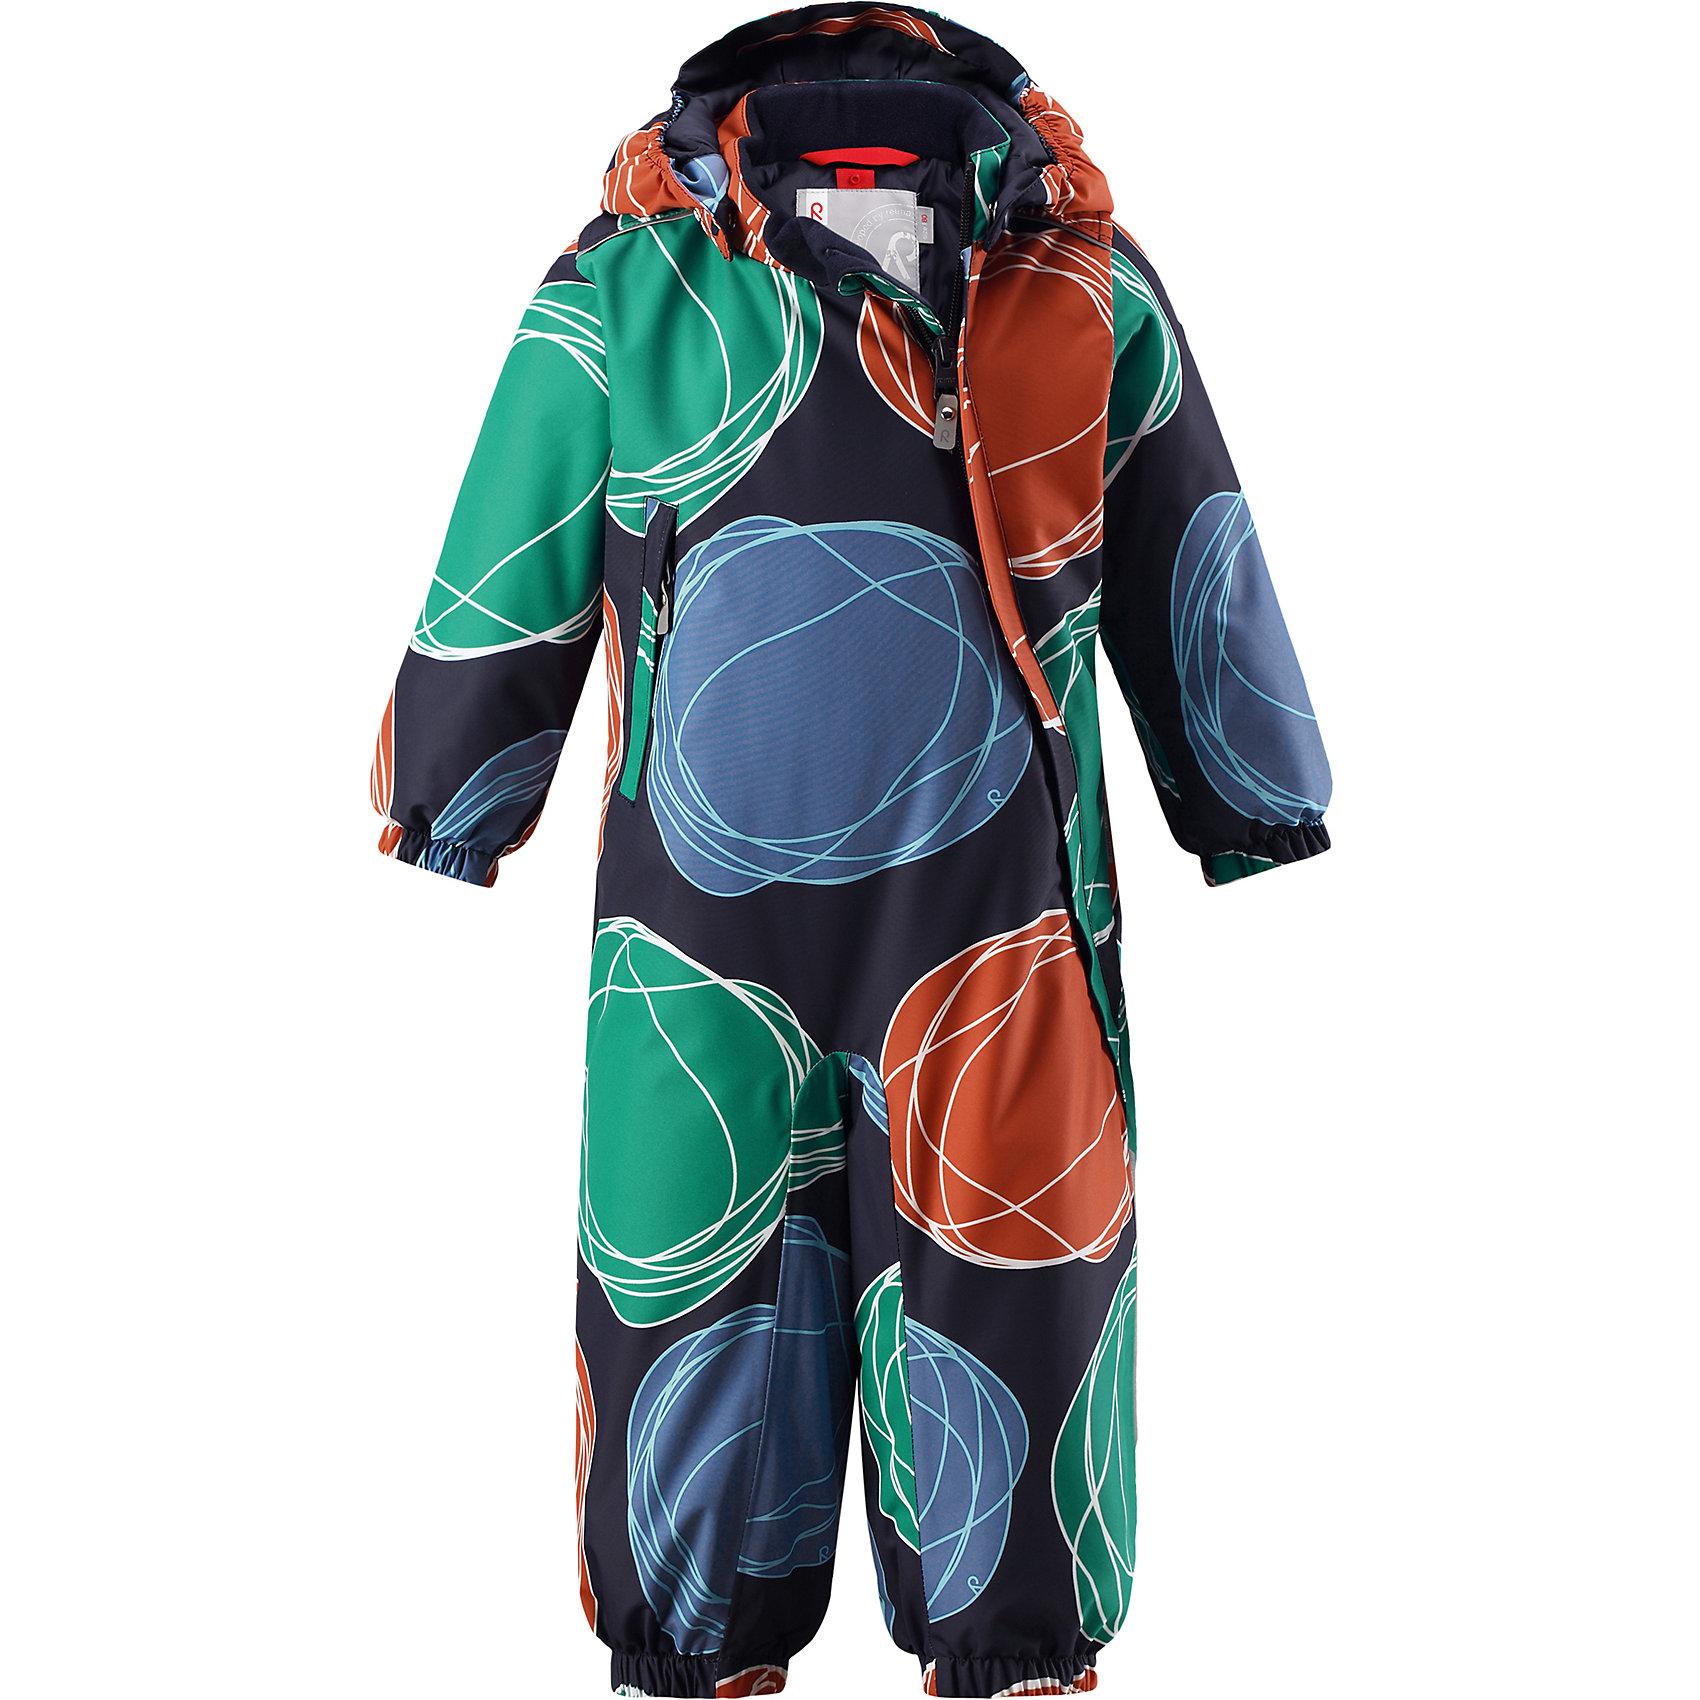 Комбинезон Reima Reimatec® LoskaВерхняя одежда<br>Характеристики товара:<br><br>• цвет: синий <br>• состав: 100% полиэстер<br>• утеплитель: 100% полиэстер, 160 г/м2 (soft loft insulation)<br>• сезон: зима<br>• температурный режим: от 0 до -20С<br>• водонепроницаемость: 15000 мм<br>• воздухопроницаемость: 7000 мм<br>• износостойкость: 40000 циклов (тест Мартиндейла)<br>• особенности модели: с рисунком<br>• основные швы проклеены и не пропускают влагу<br>• водо- и ветронепроницаемый, дышащий и грязеотталкивающий материал<br>• утепленная задняя часть изделия<br>• гладкая подкладка из полиэстера<br>• безопасный, съемный, регулируемый капюшон<br>• внутренняя регулировка талии<br>• защита подбородка от защемления<br>• эластичные манжеты и штанины<br>• эластичная талия<br>• съемные эластичные штрипки <br>• длинная молния для легкого надевания<br>• дополнительная планка с кнопками<br>• карман на молнии<br>• светоотражающие детали<br>• страна бренда: Финляндия<br>• страна изготовитель: Китай<br><br>Зимний комбинезон на молнии для малыша! Основные швы комбинезона проклеены, а сам он изготовлен из водо и ветронепроницаемого, грязеотталкивающего материала. Утепленная задняя часть обеспечит дополнительное утепление во время игр в снегу.<br><br>Гладкая подкладка и длинная молния облегчают надевание. Маленький карман на молнии надежно сохранит все сокровища. Обратите внимание: комбинезон можно сушить в сушильной машине. Зимний комбинезон с капюшоном для малыша декорирован рисунком в виде больших цветных кругов.<br><br>Комбинезон Loska Reimatec® Reima от финского бренда Reima (Рейма) можно купить в нашем интернет-магазине.<br><br>Ширина мм: 356<br>Глубина мм: 10<br>Высота мм: 245<br>Вес г: 519<br>Цвет: зеленый<br>Возраст от месяцев: 24<br>Возраст до месяцев: 36<br>Пол: Унисекс<br>Возраст: Детский<br>Размер: 98,74,80,86,92<br>SKU: 6908152